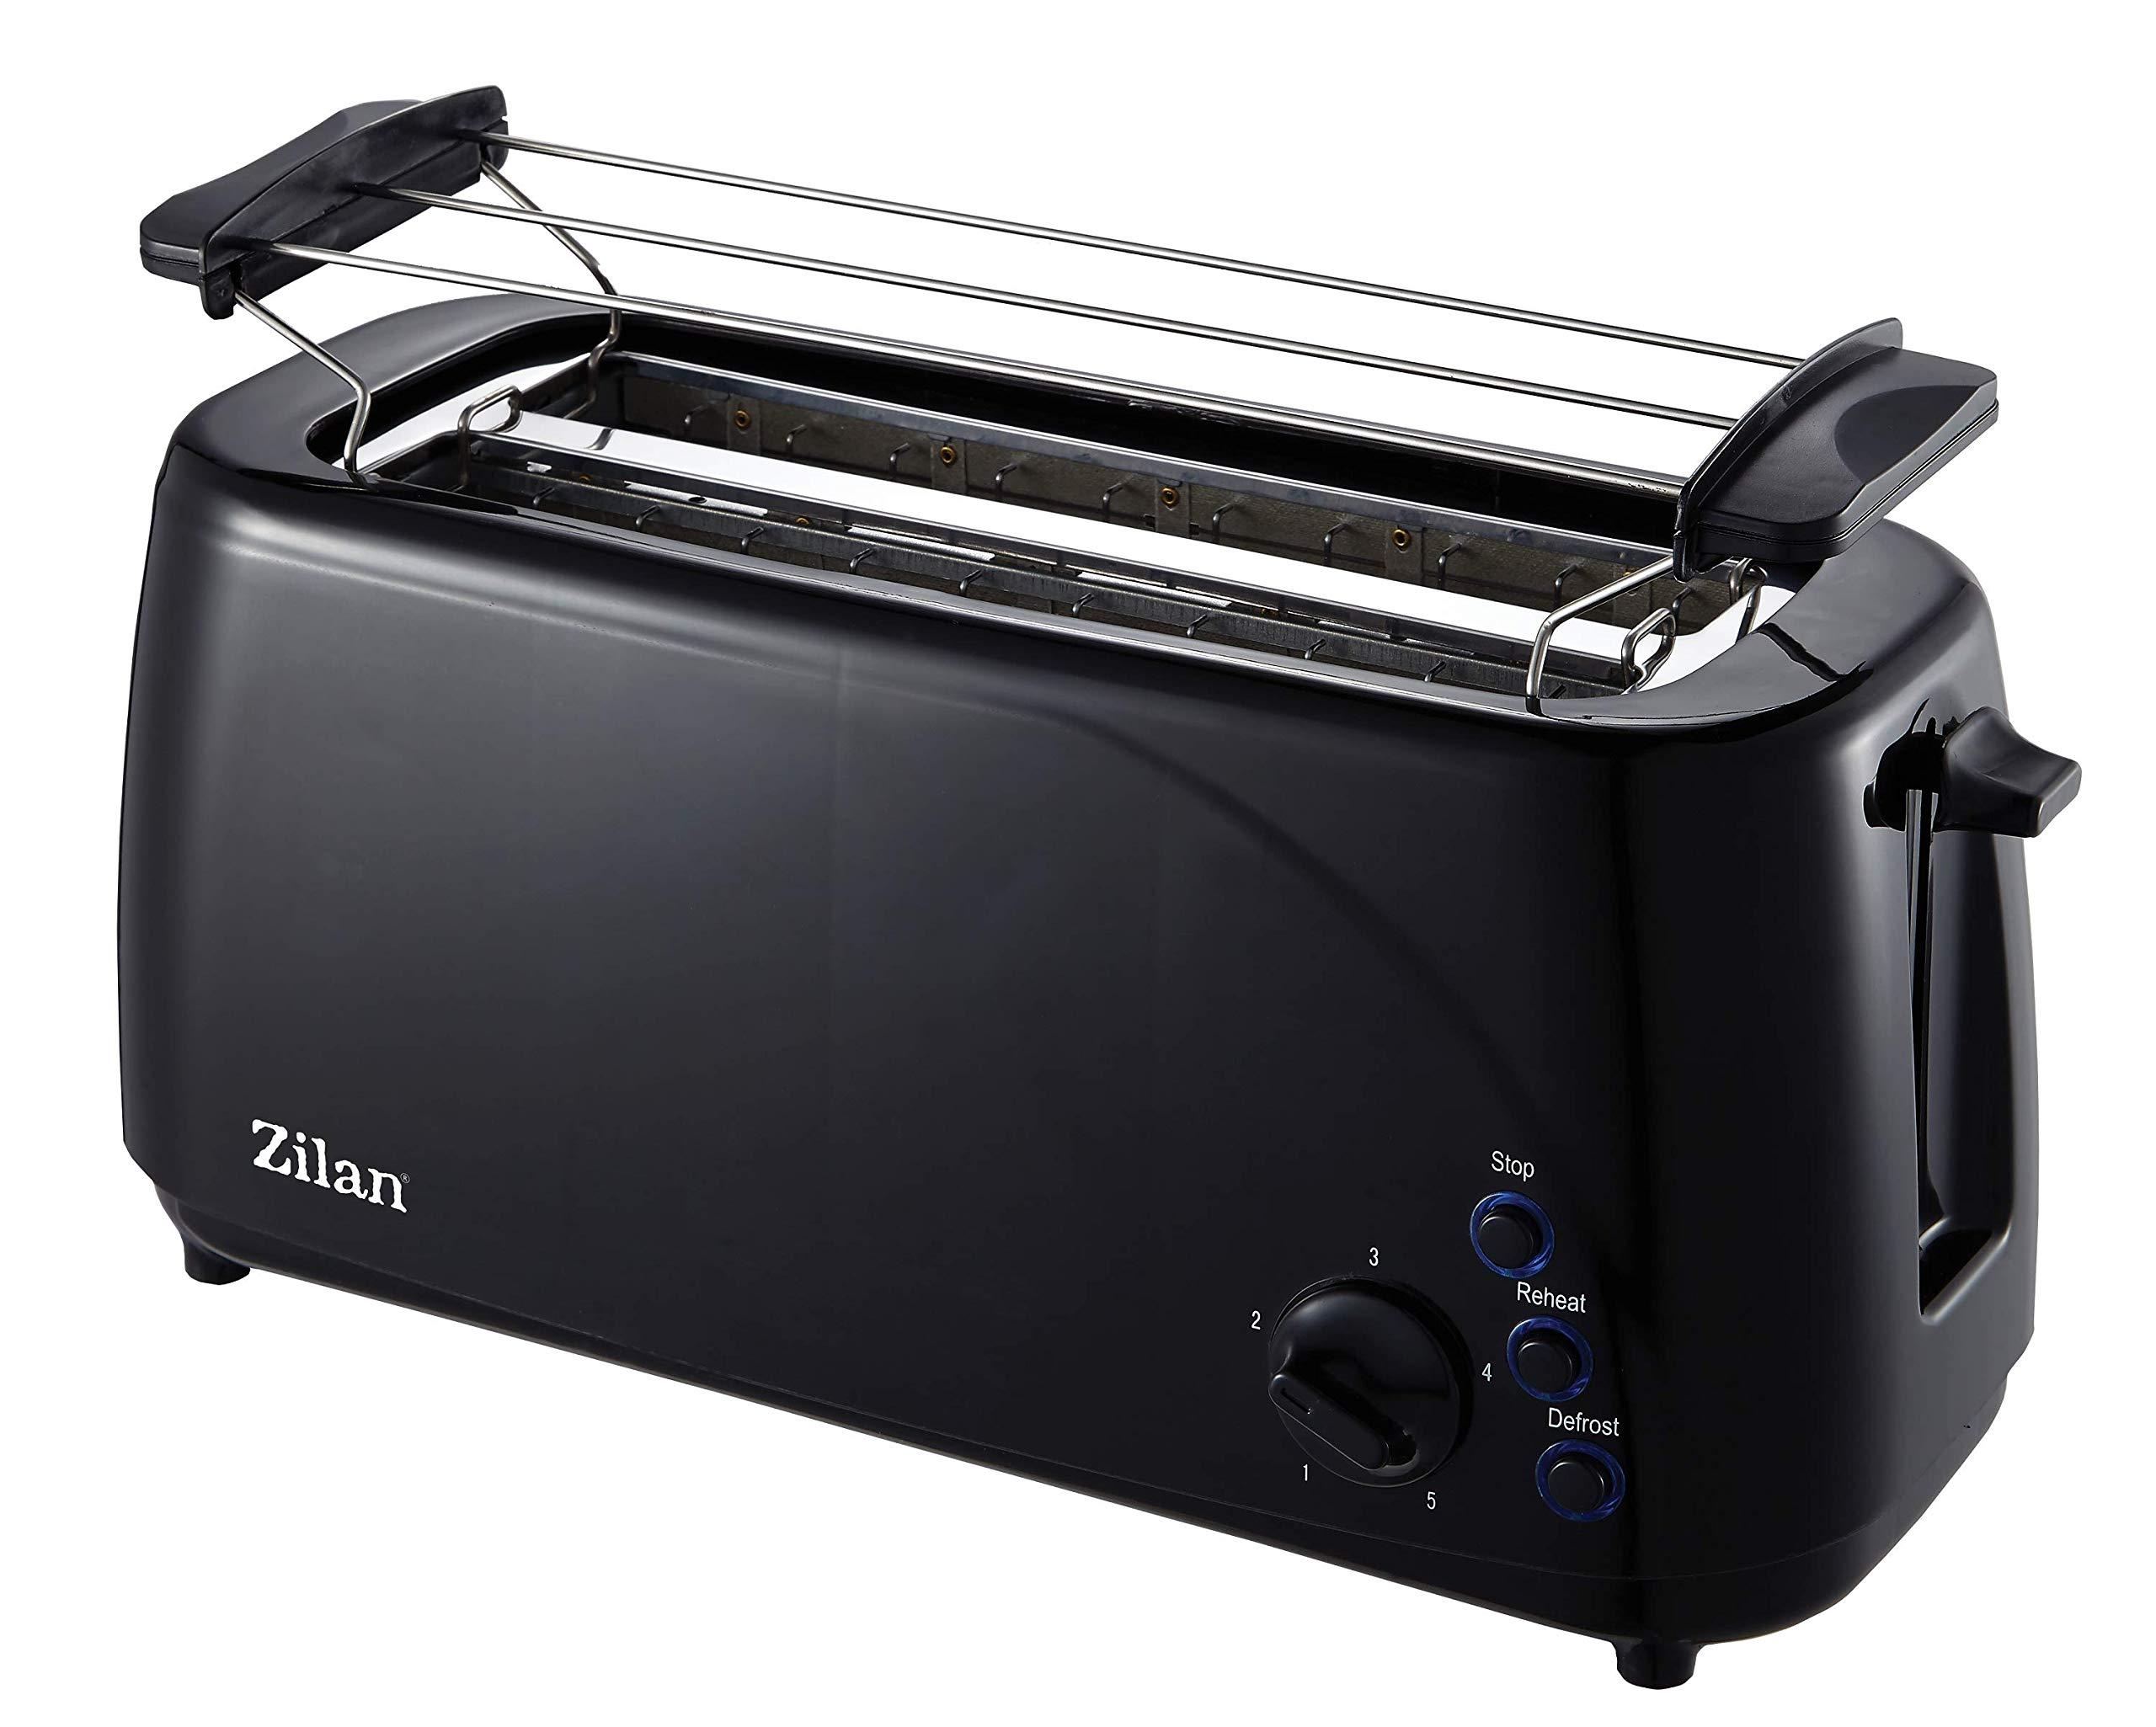 Toaster-Langschlitz-4-Scheiben-Toastautomat-XXL-Toaster-1400-Watt-5-Stufen-Bruneregler-Brtchenaufsatz-Auftau-Funktion-Krmmelschublade-Schwarz